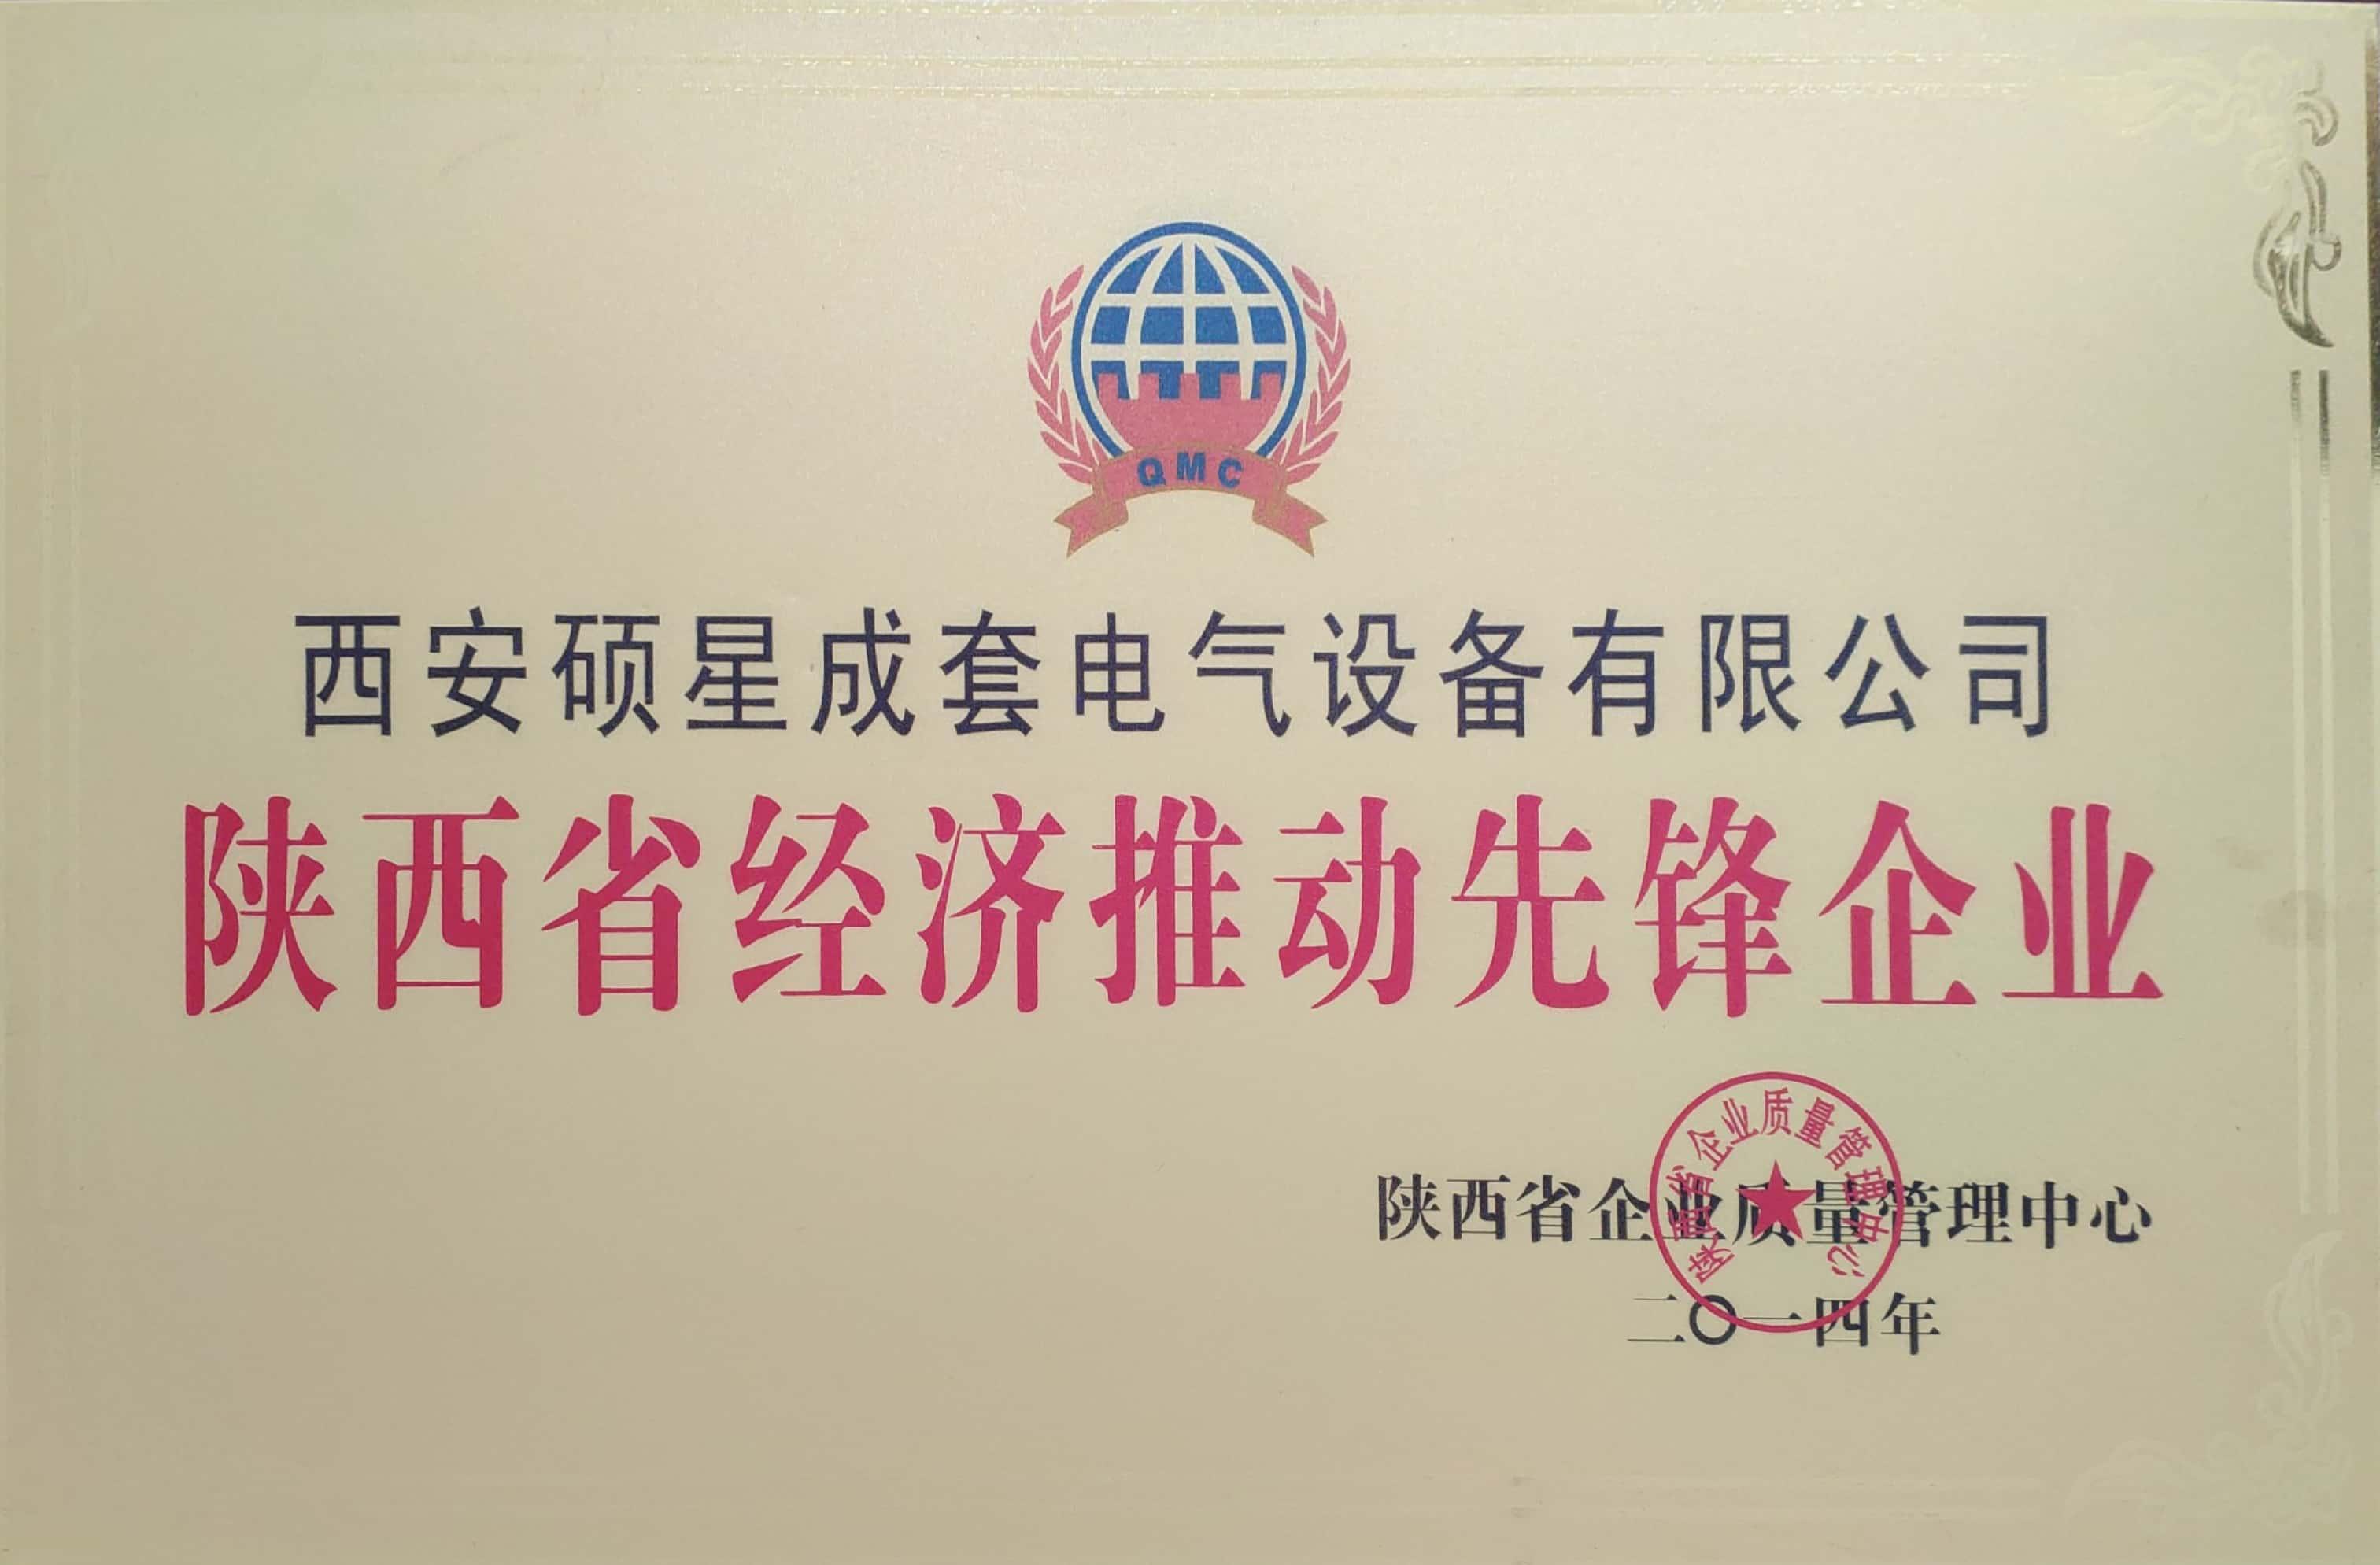 陝西省經濟推動先鋒企業